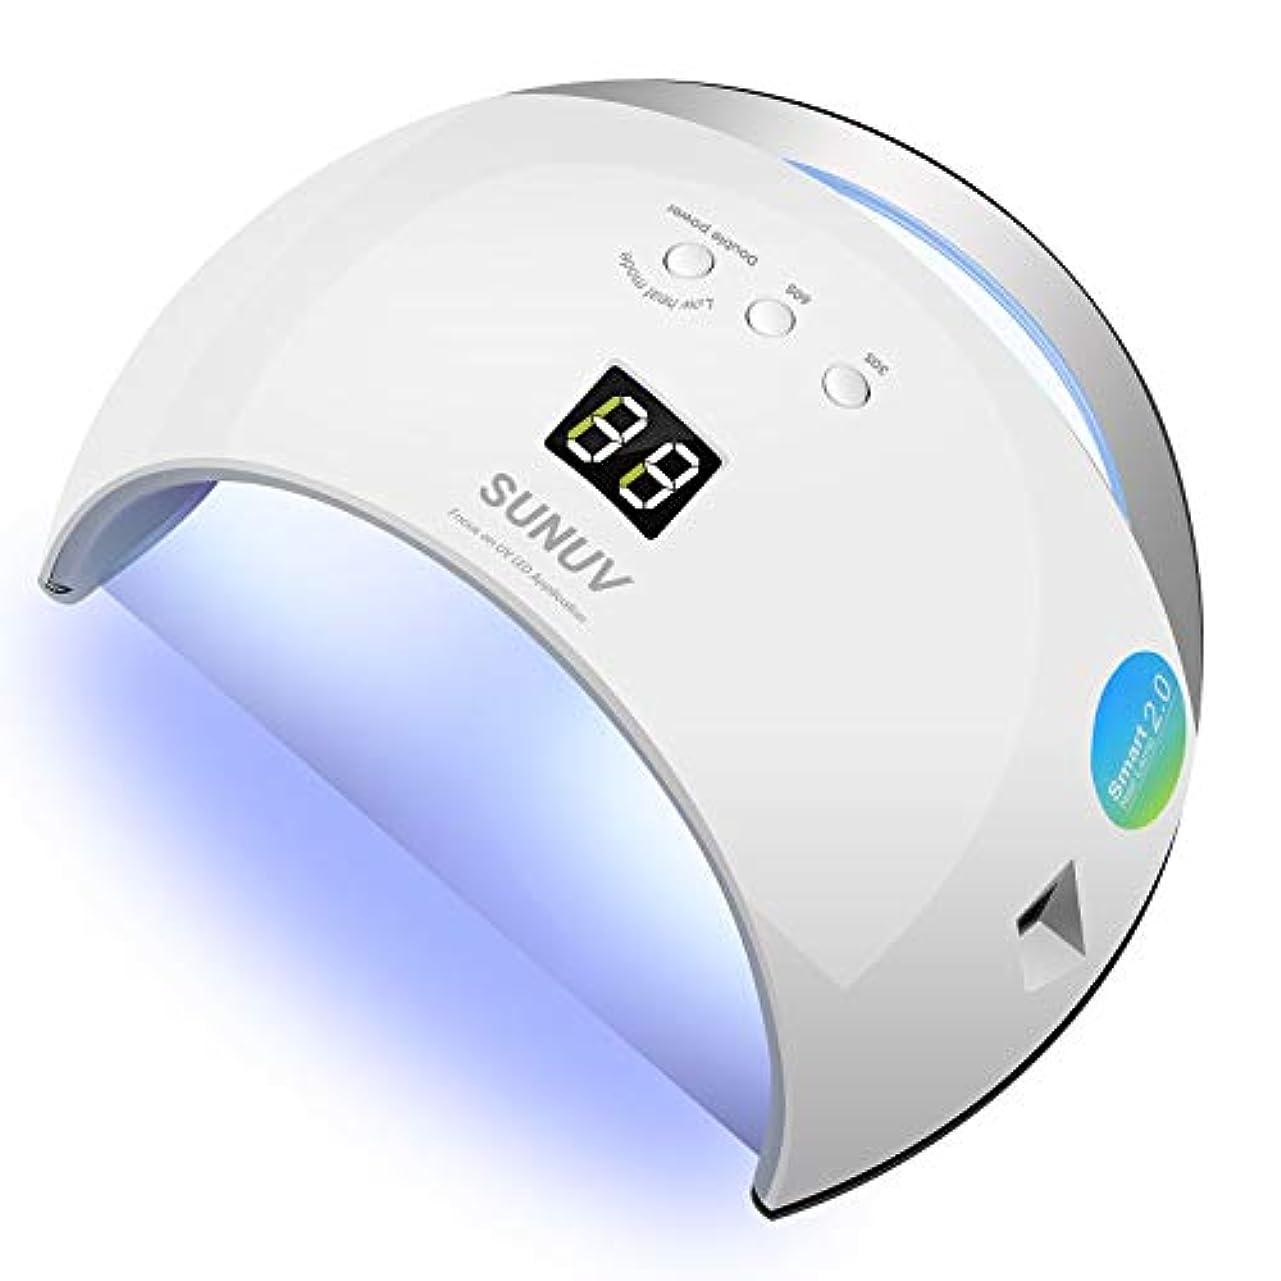 ドロー根絶する能力NaturalTrend ジェルネイル uv ledライト 最新48W 話題の低ヒートモード搭載 人感センサー (新48W, ライトホワイト)